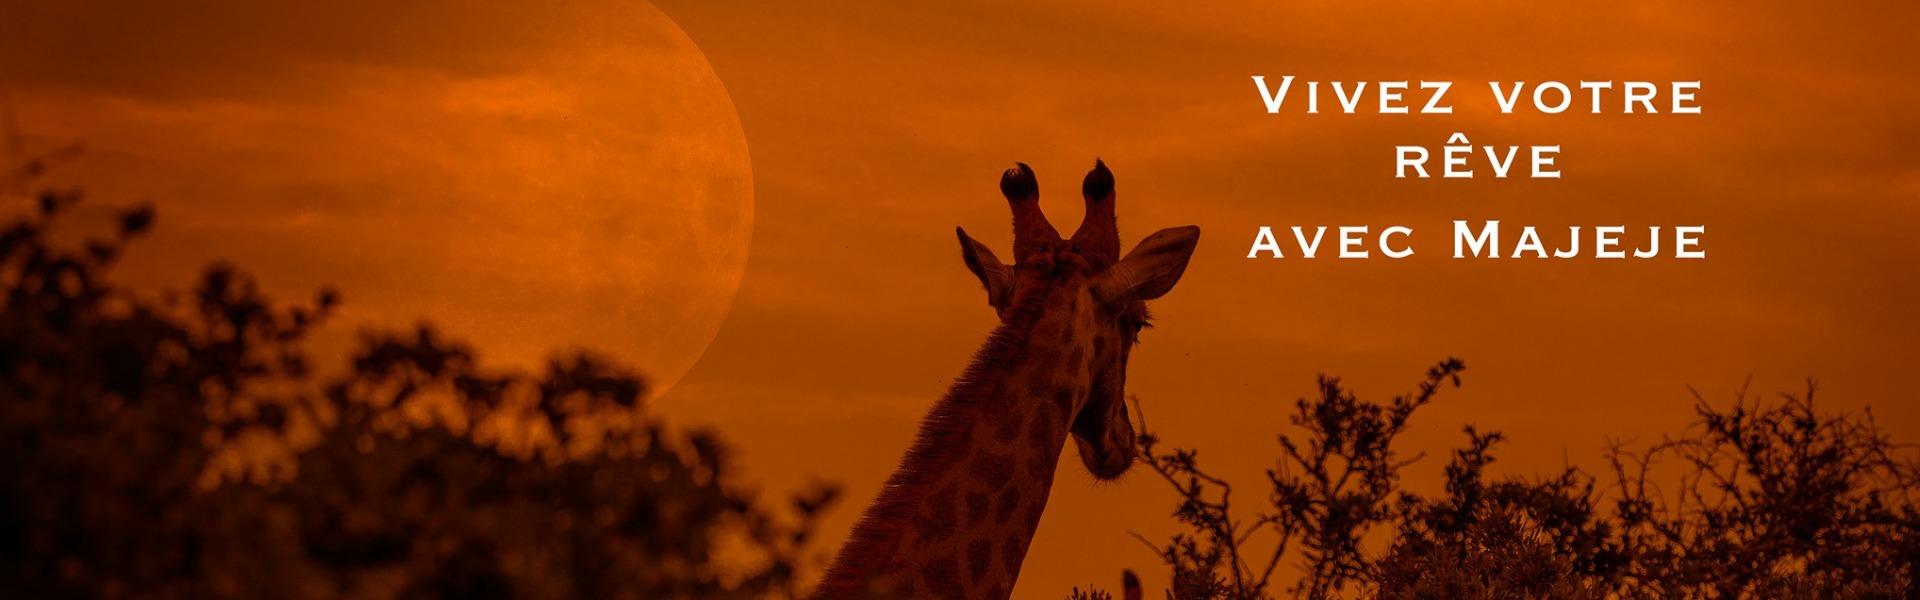 majeje africa safaris